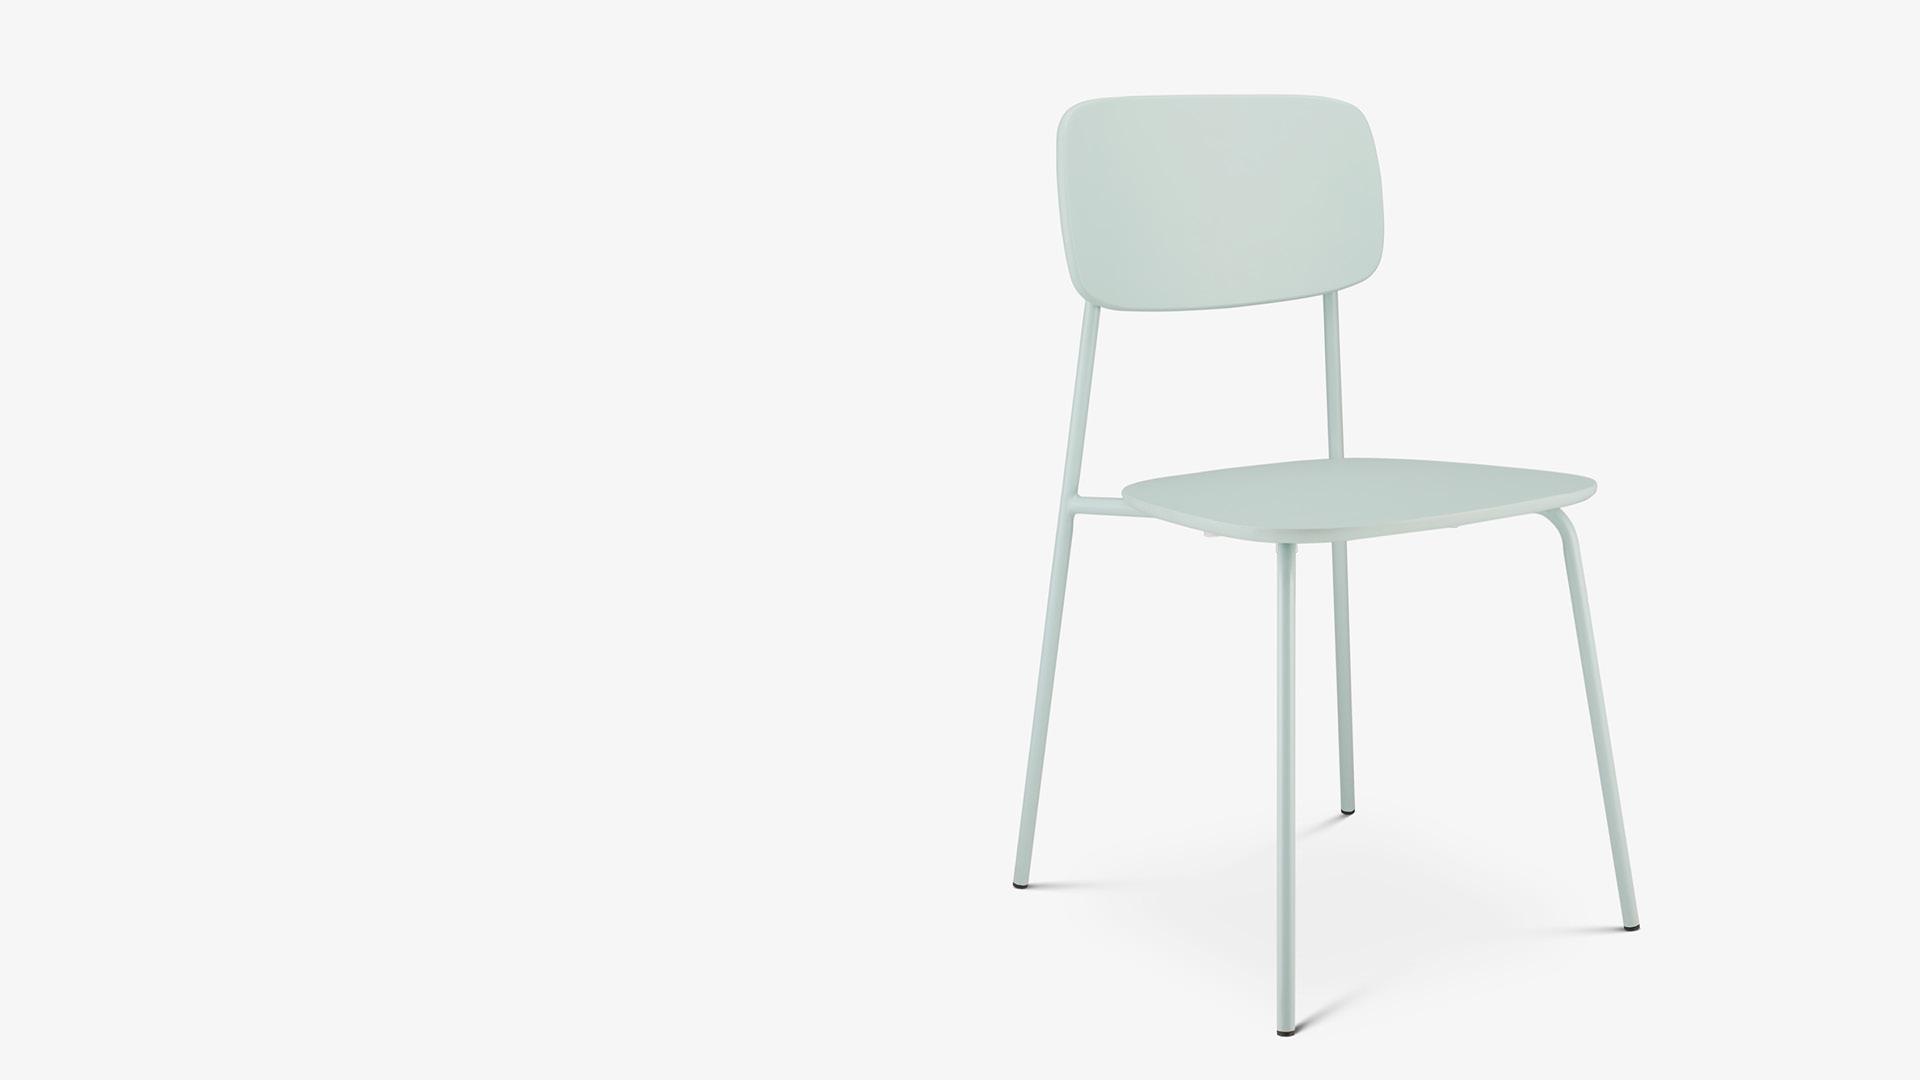 用纤细蜻蜓,勾画一把轻灵小椅<br/>为精巧户型释放空间